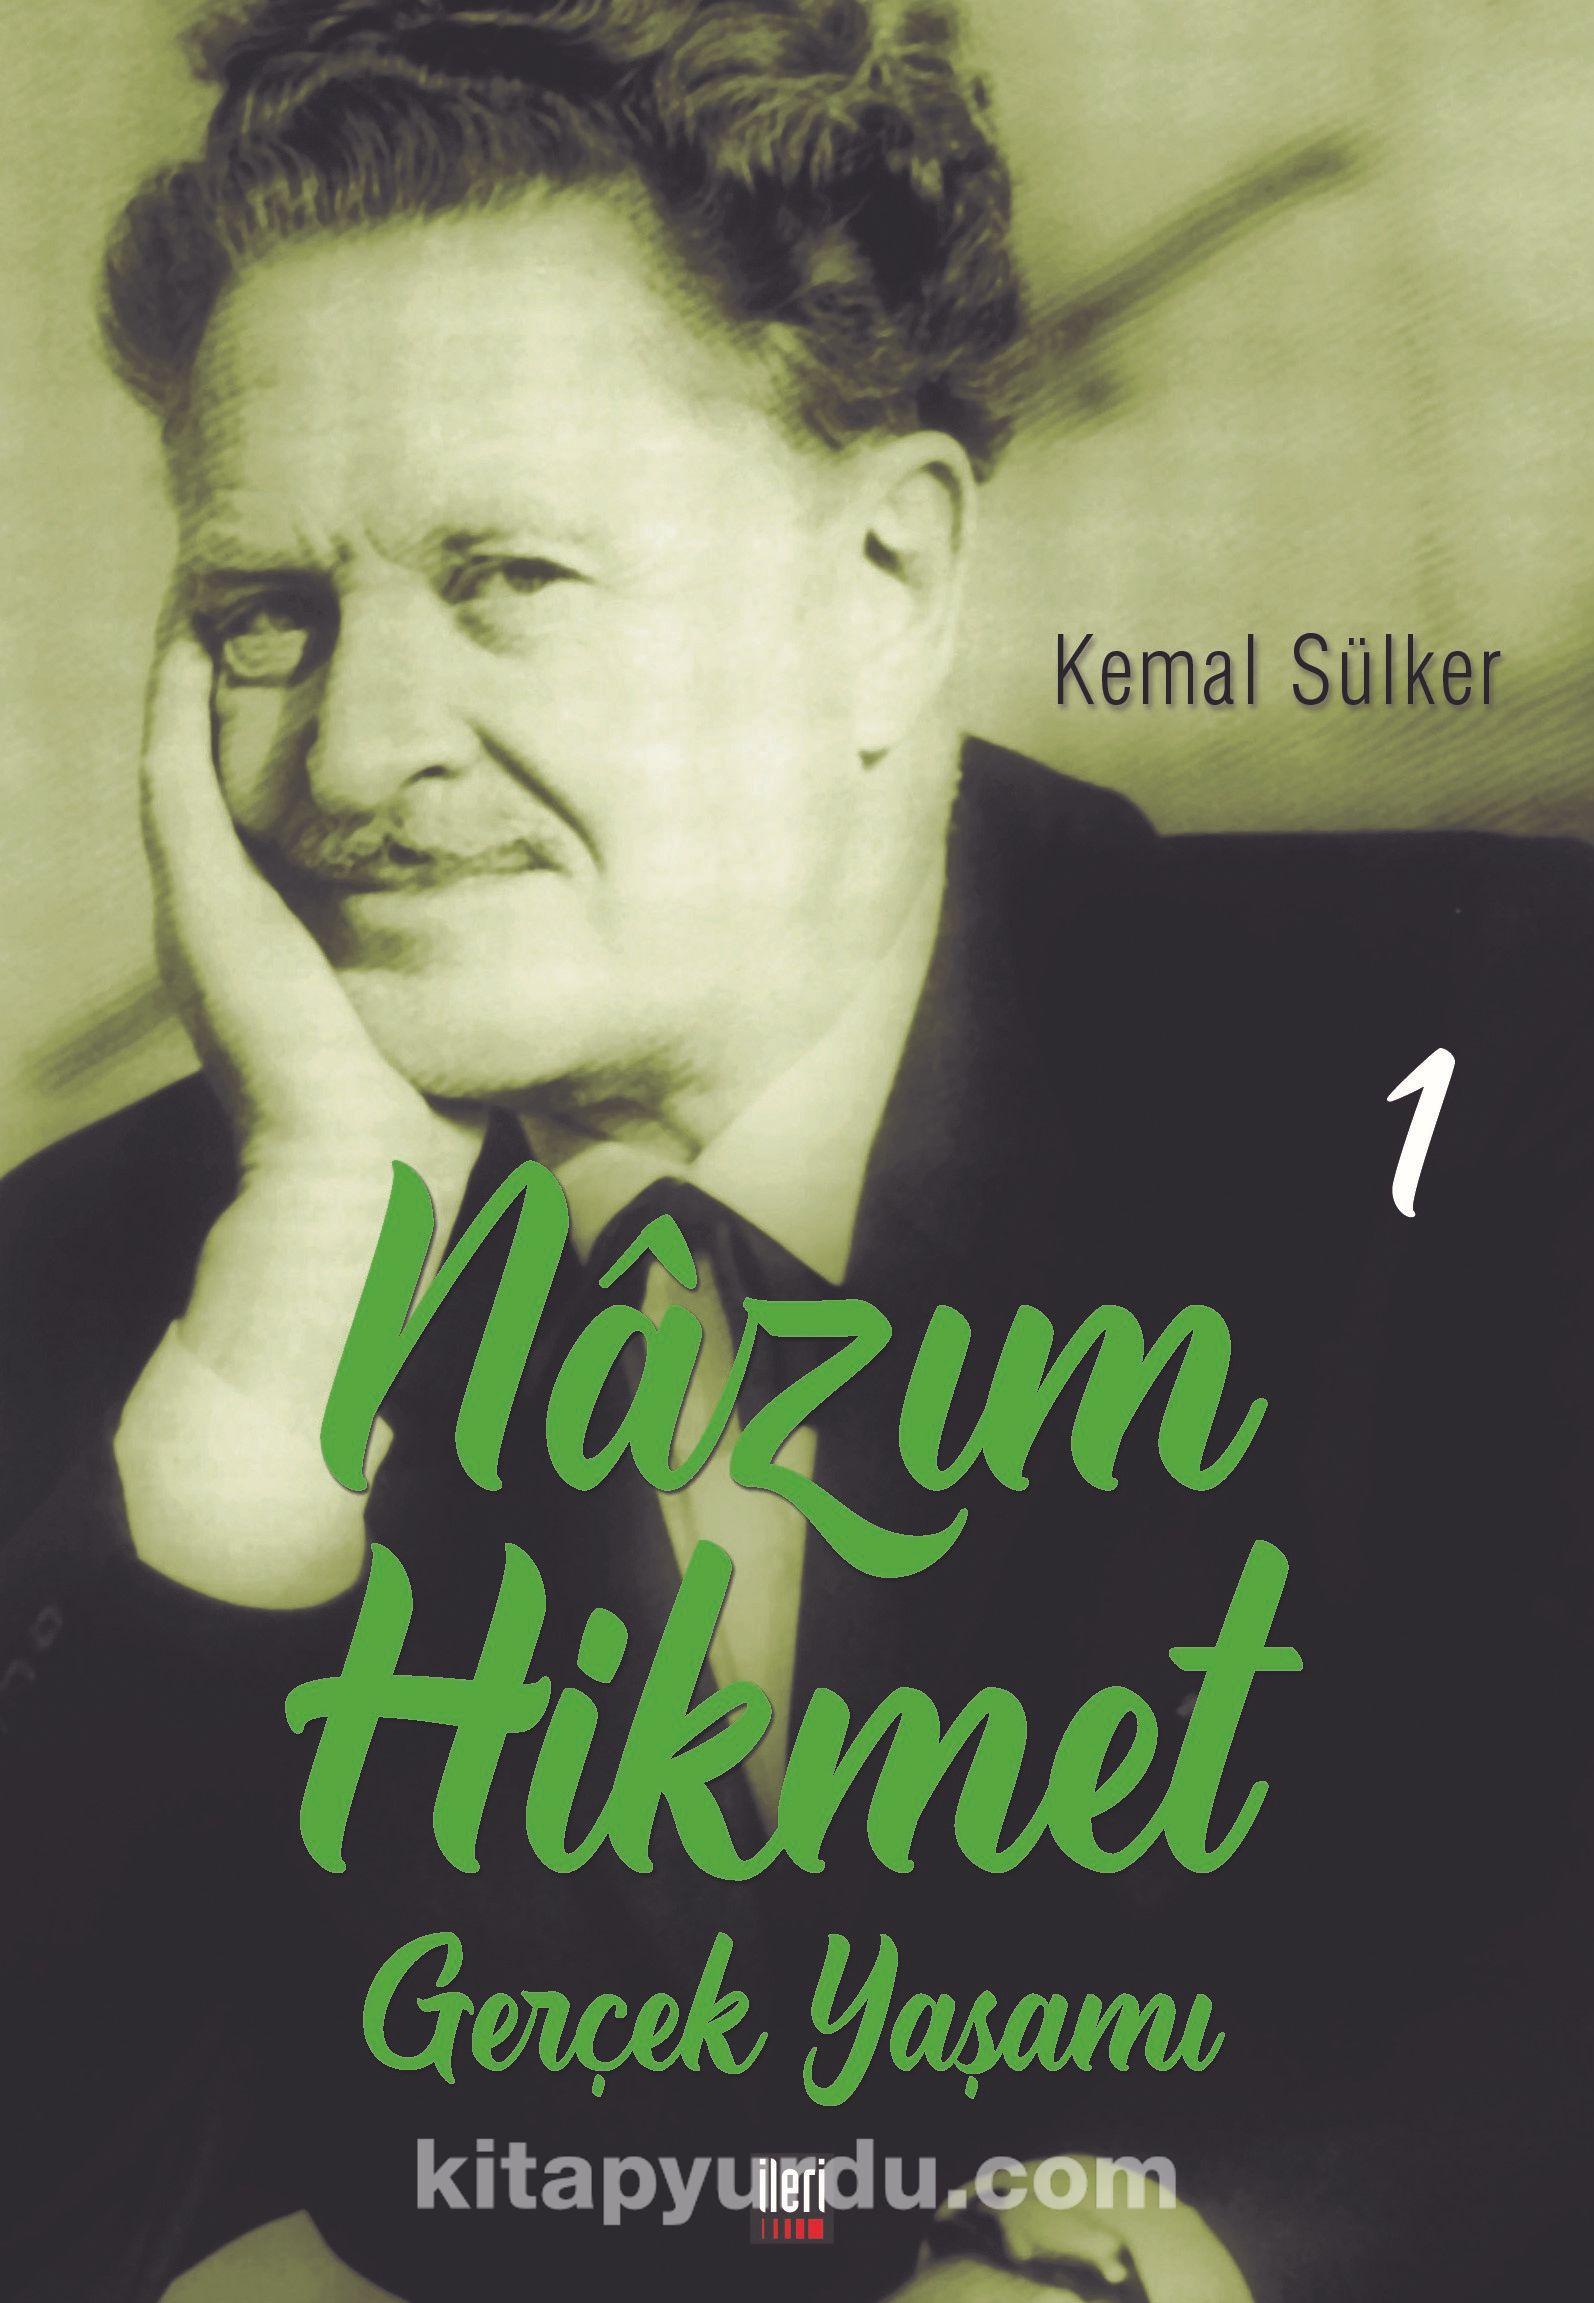 Nazım Hikmet'in Gerçek Yaşamı 1 (1902-1933) - Kemal Sülker pdf epub